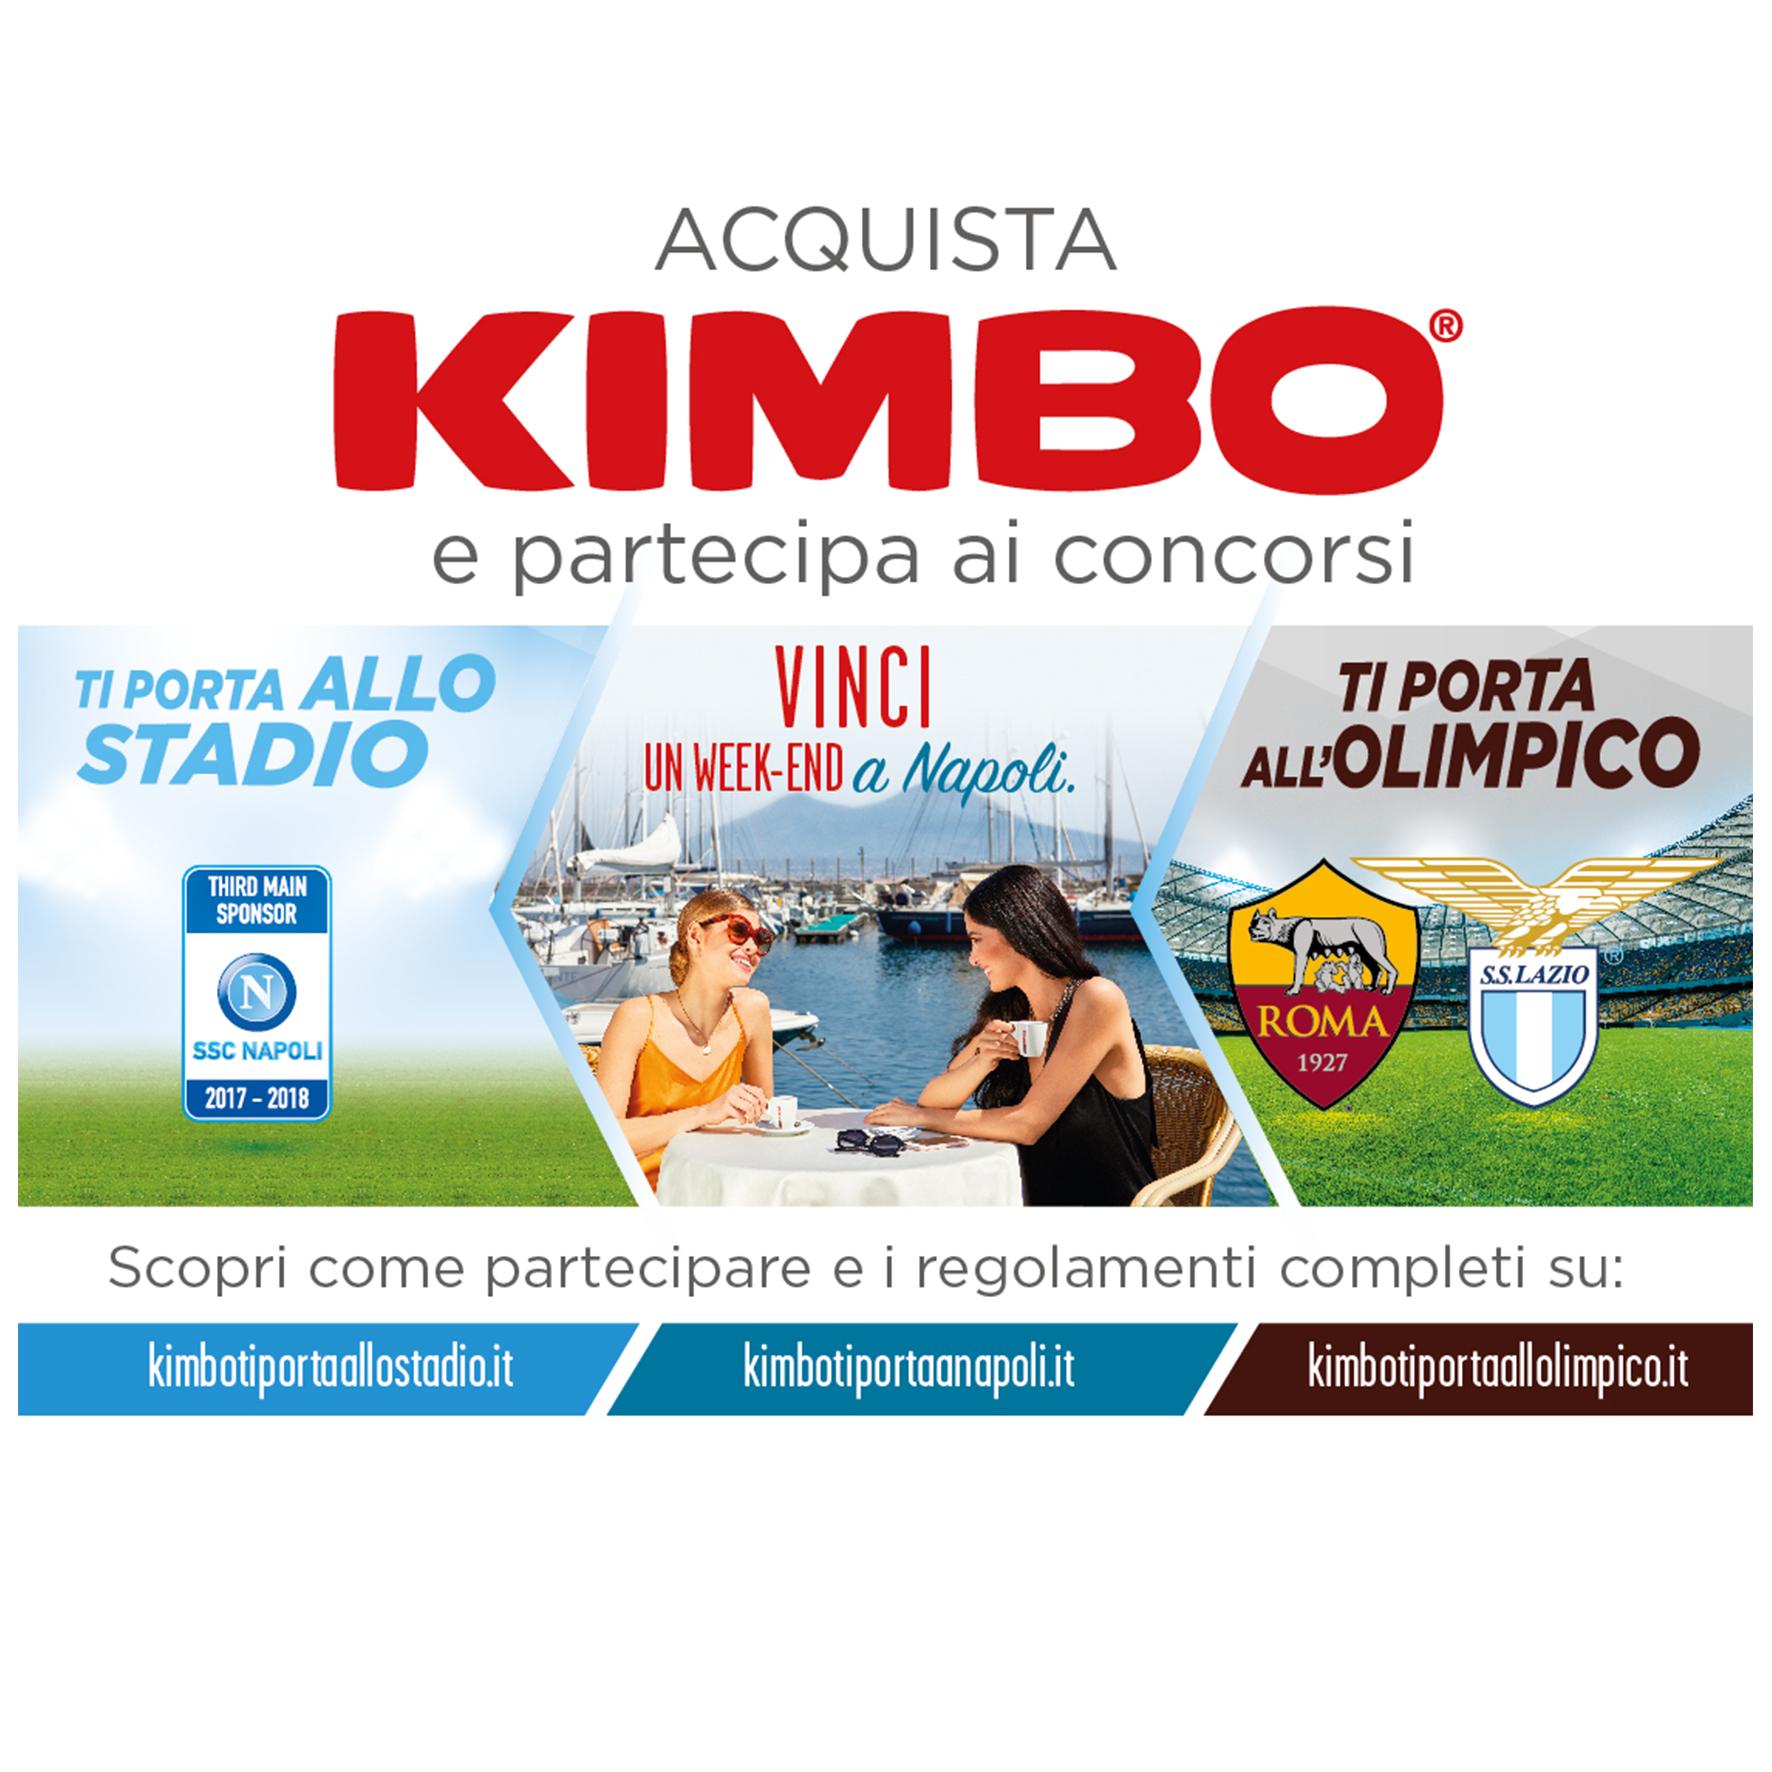 Caff napoletano kimbo organizza tre concorsi in suo onore for Concorsi parlamento italiano 2017